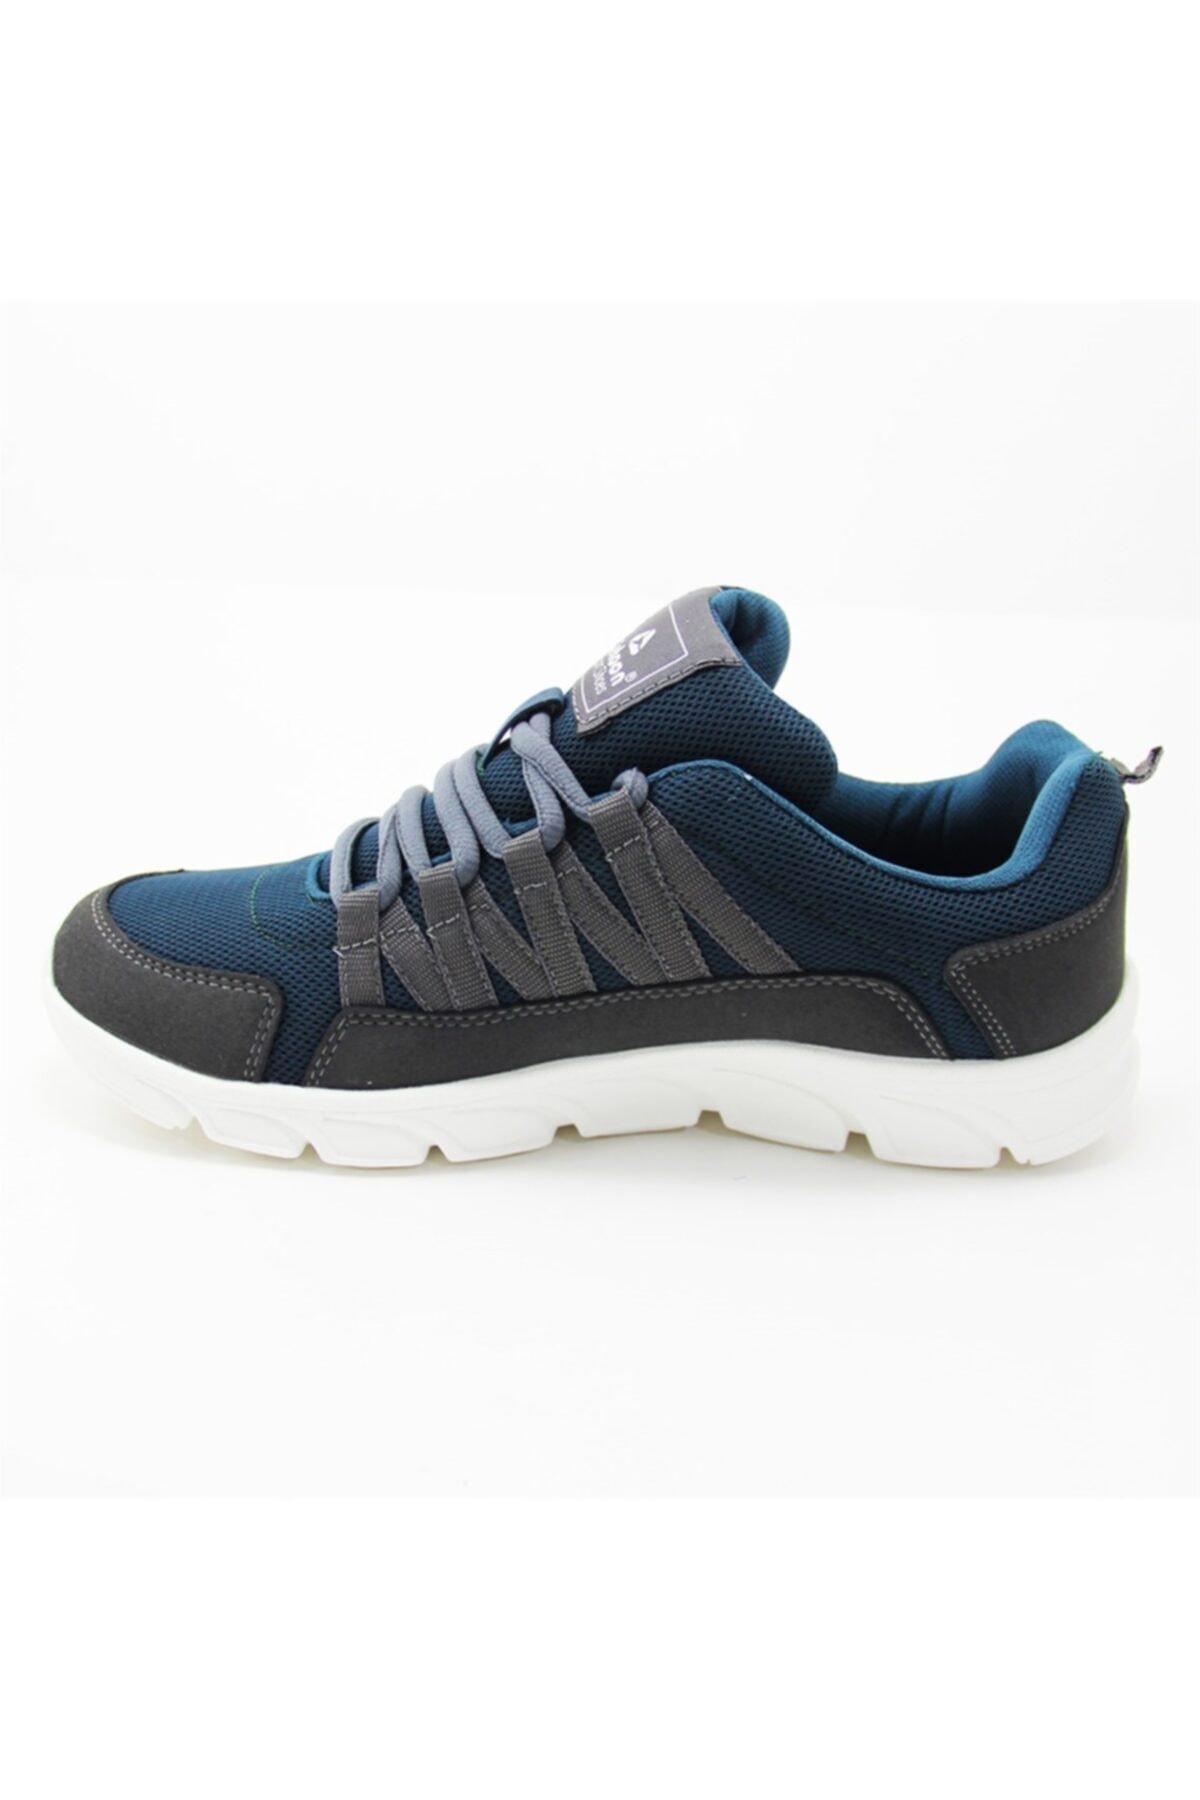 LETOON 6056 Erkek Koşu-yürüyüş Ayakkabısı 2